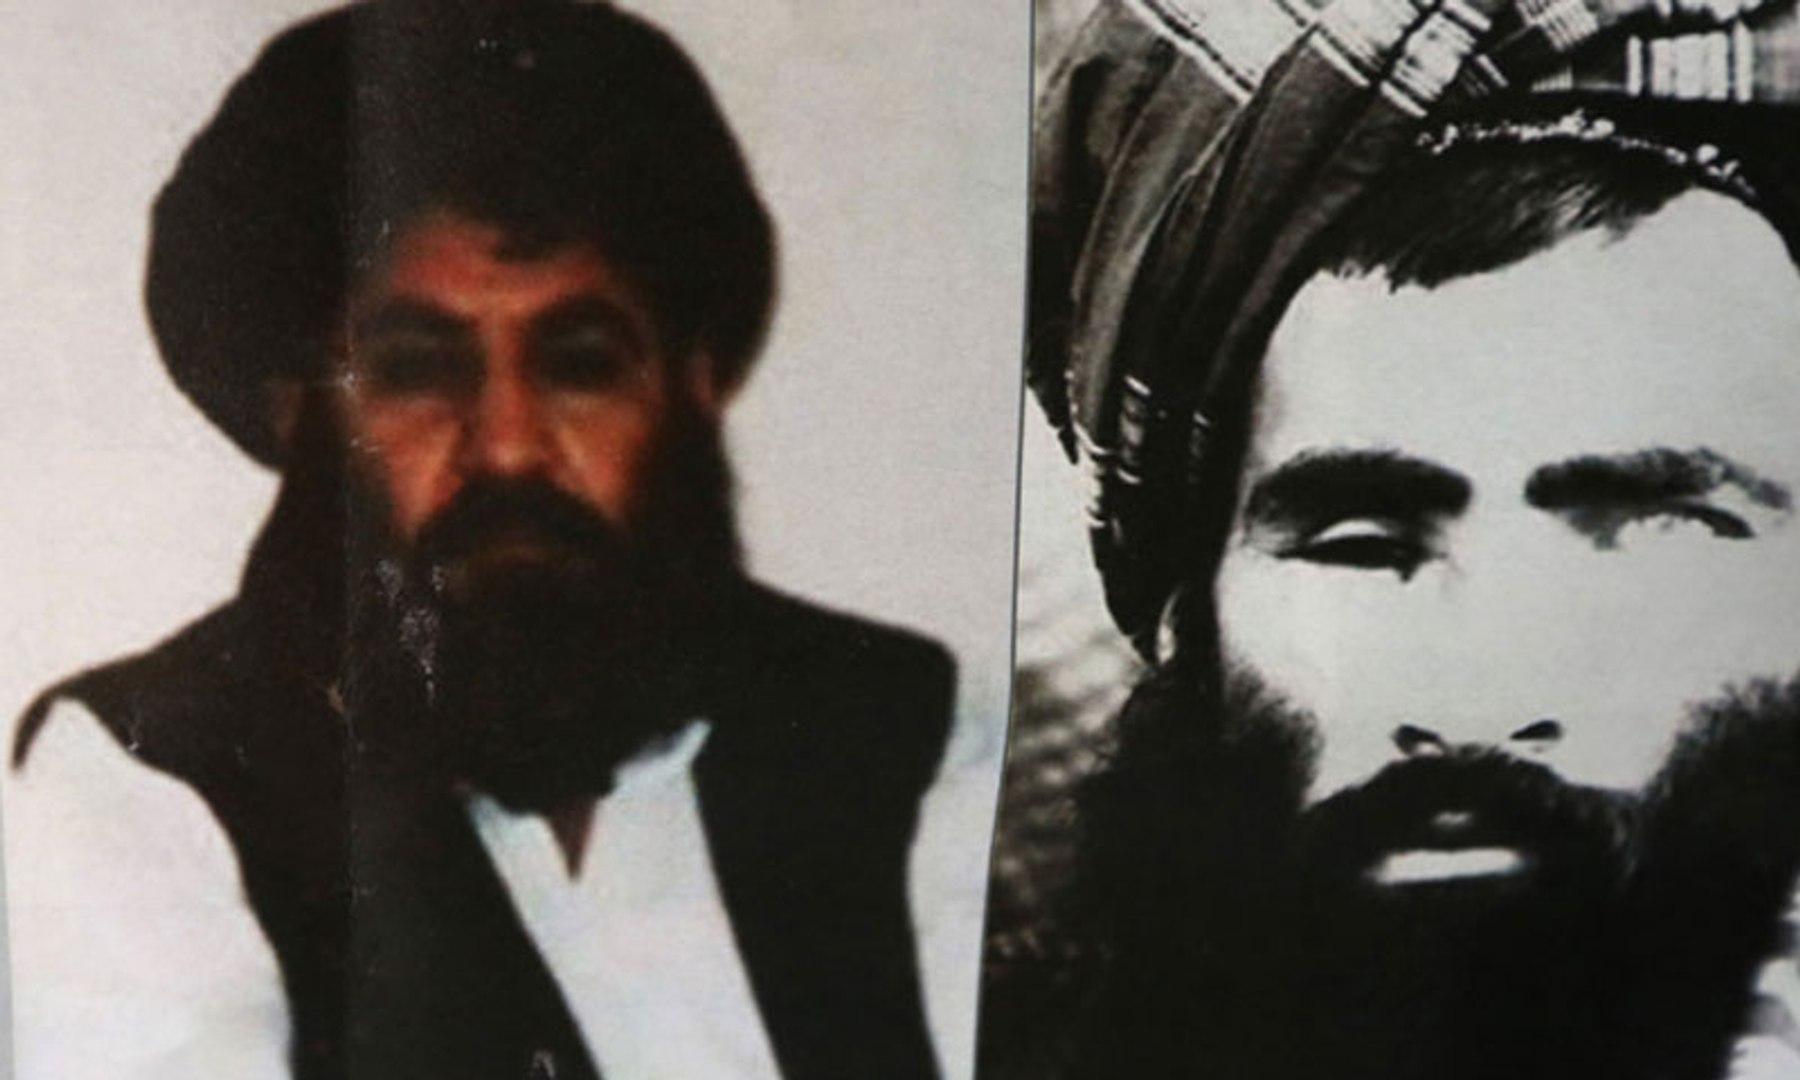 Pentagon Says U.S. Air Strike Targeted Afghan Taliban Leader